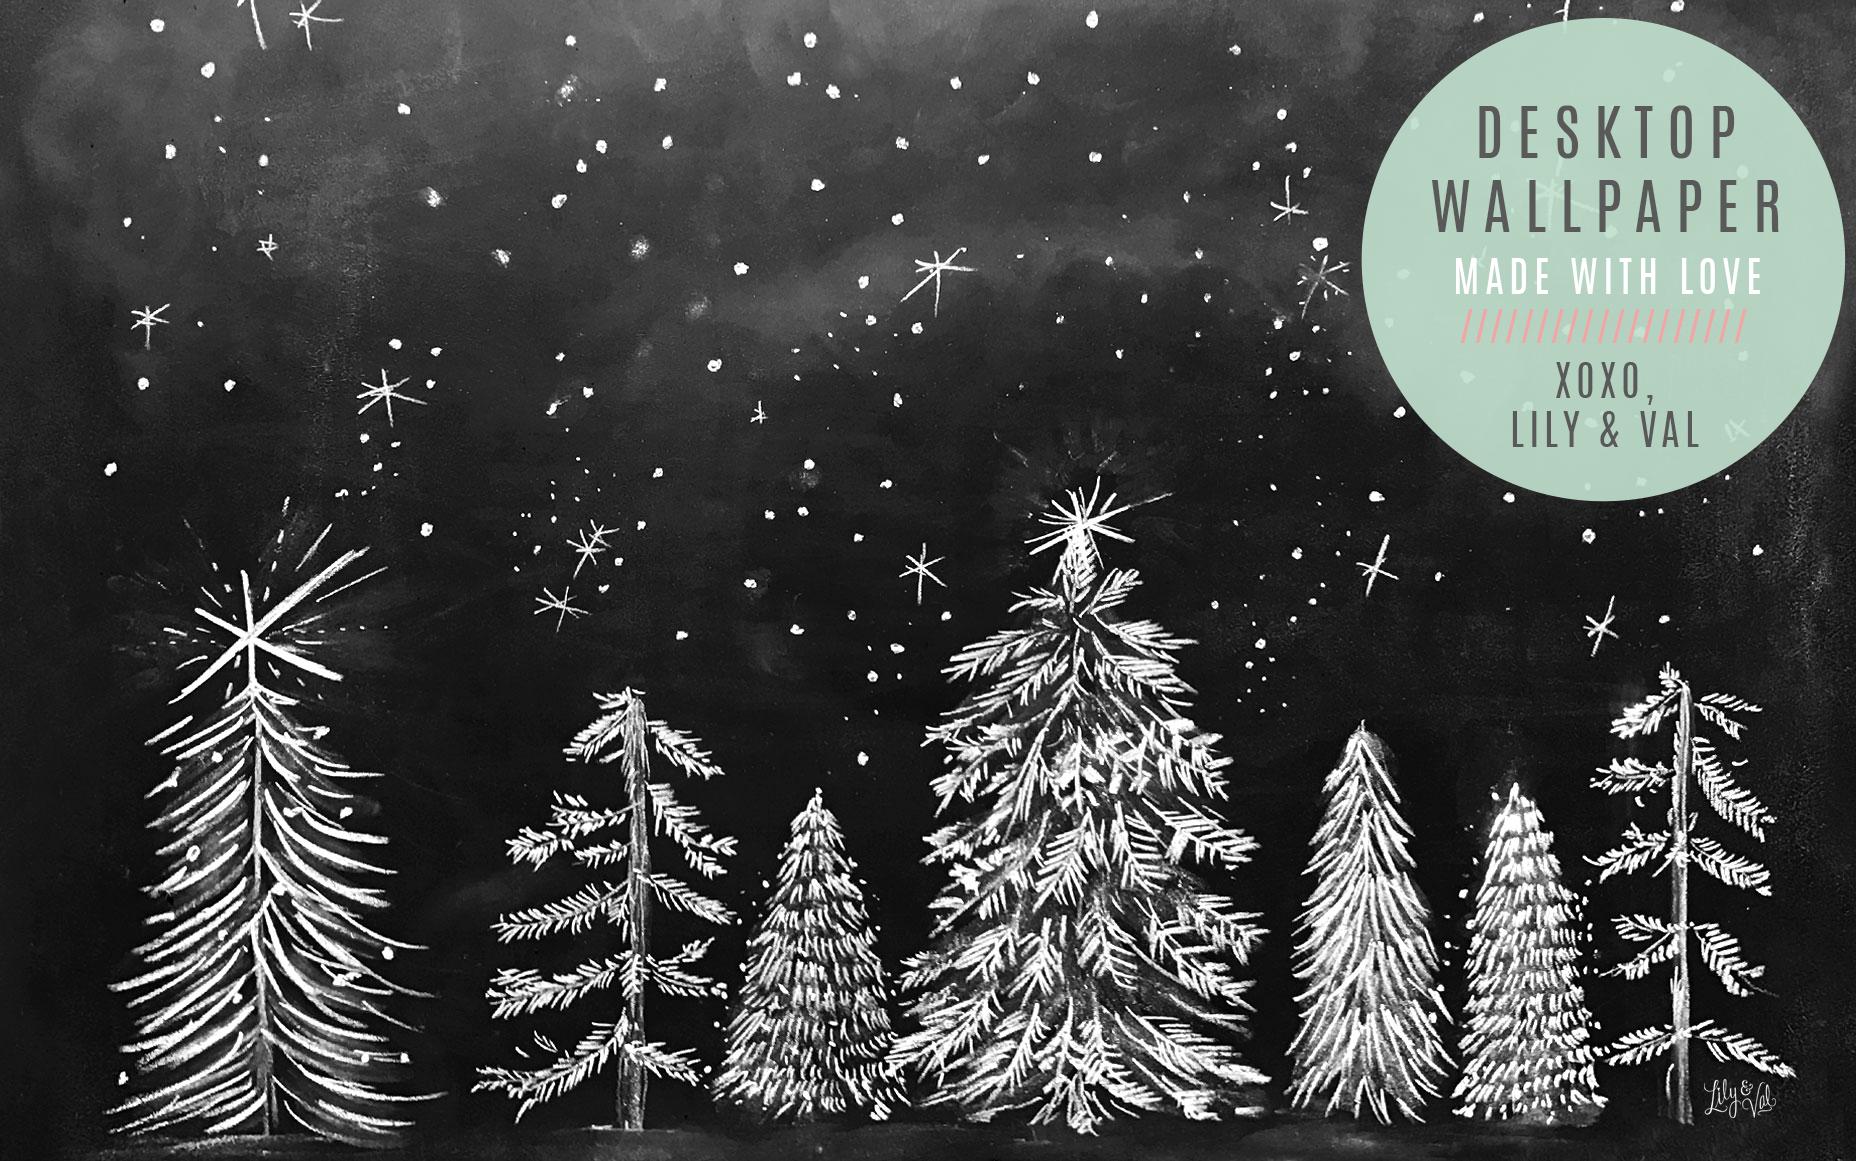 Free Lily & Val desktop download for December